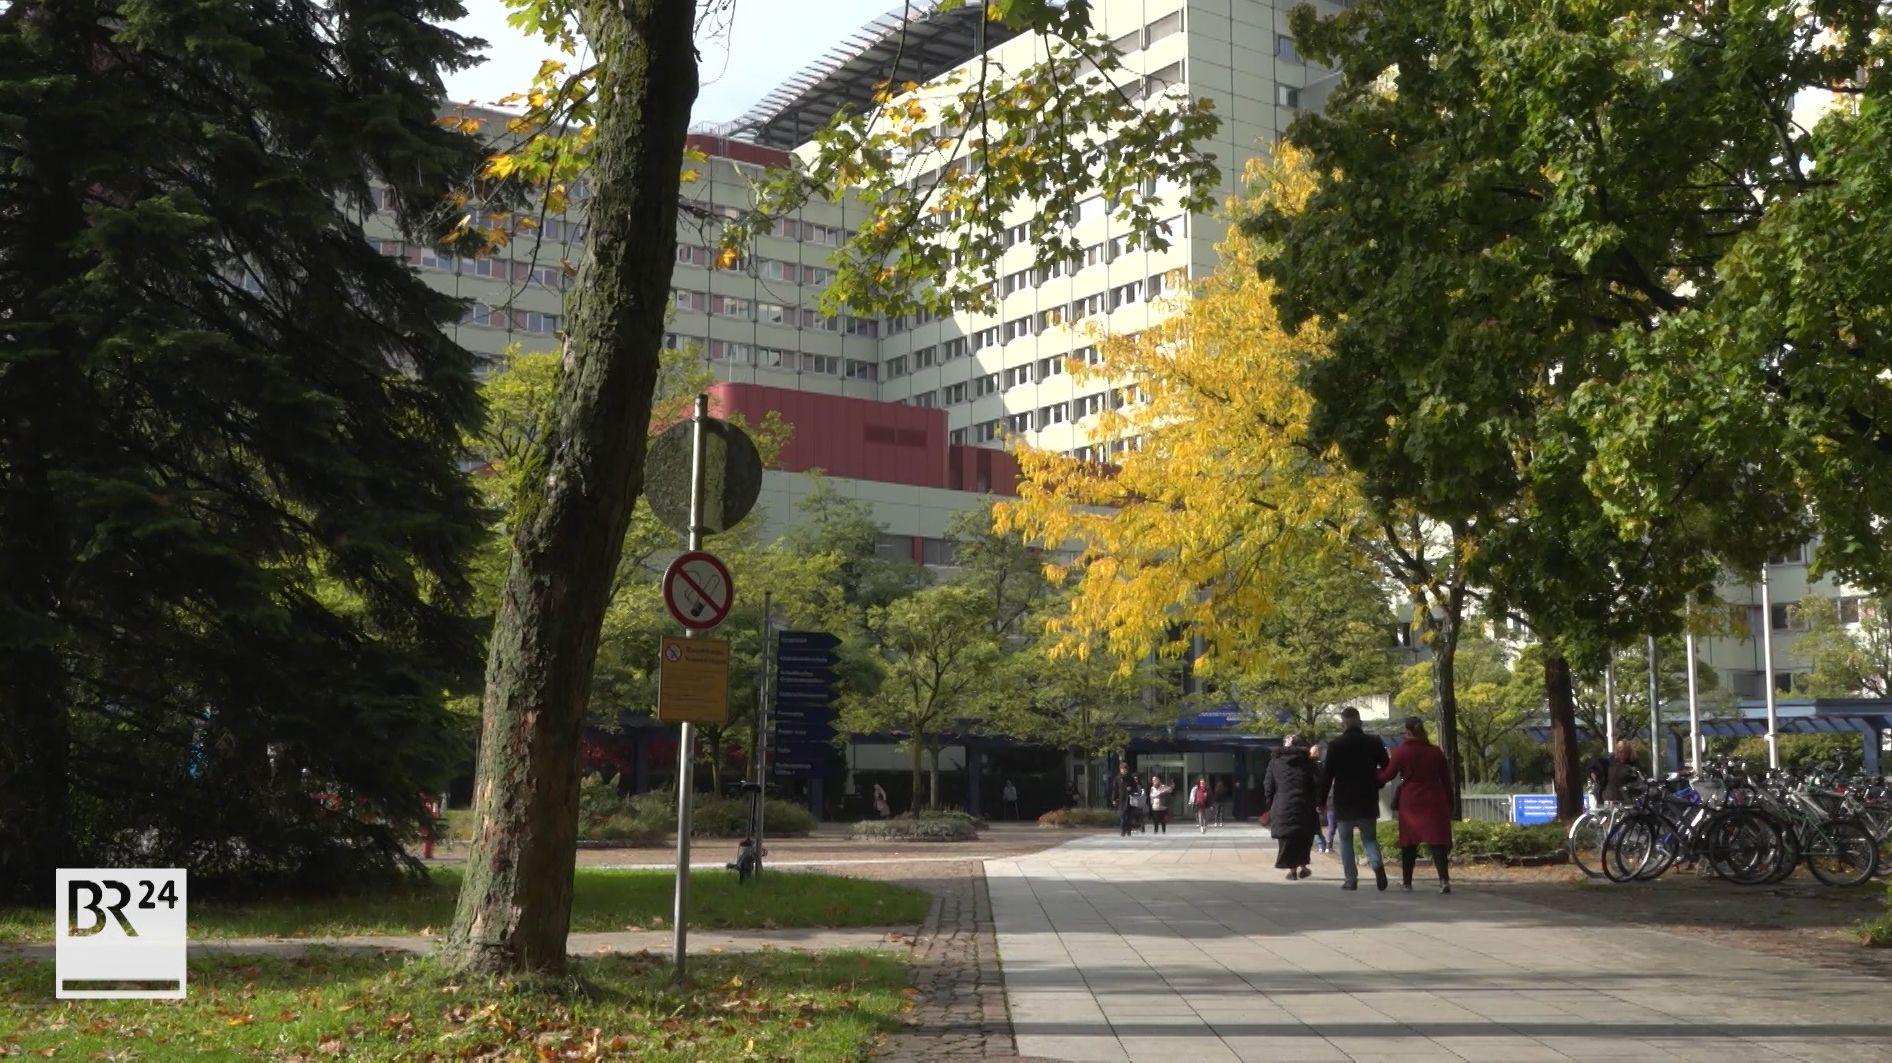 Sie ist die jüngste Medizinfakultät in Bayern: Die Augsburger Fakultät, die jetzt offiziell in Betrieb geht. Es handelt sich dabei um ein Modellprojekt.